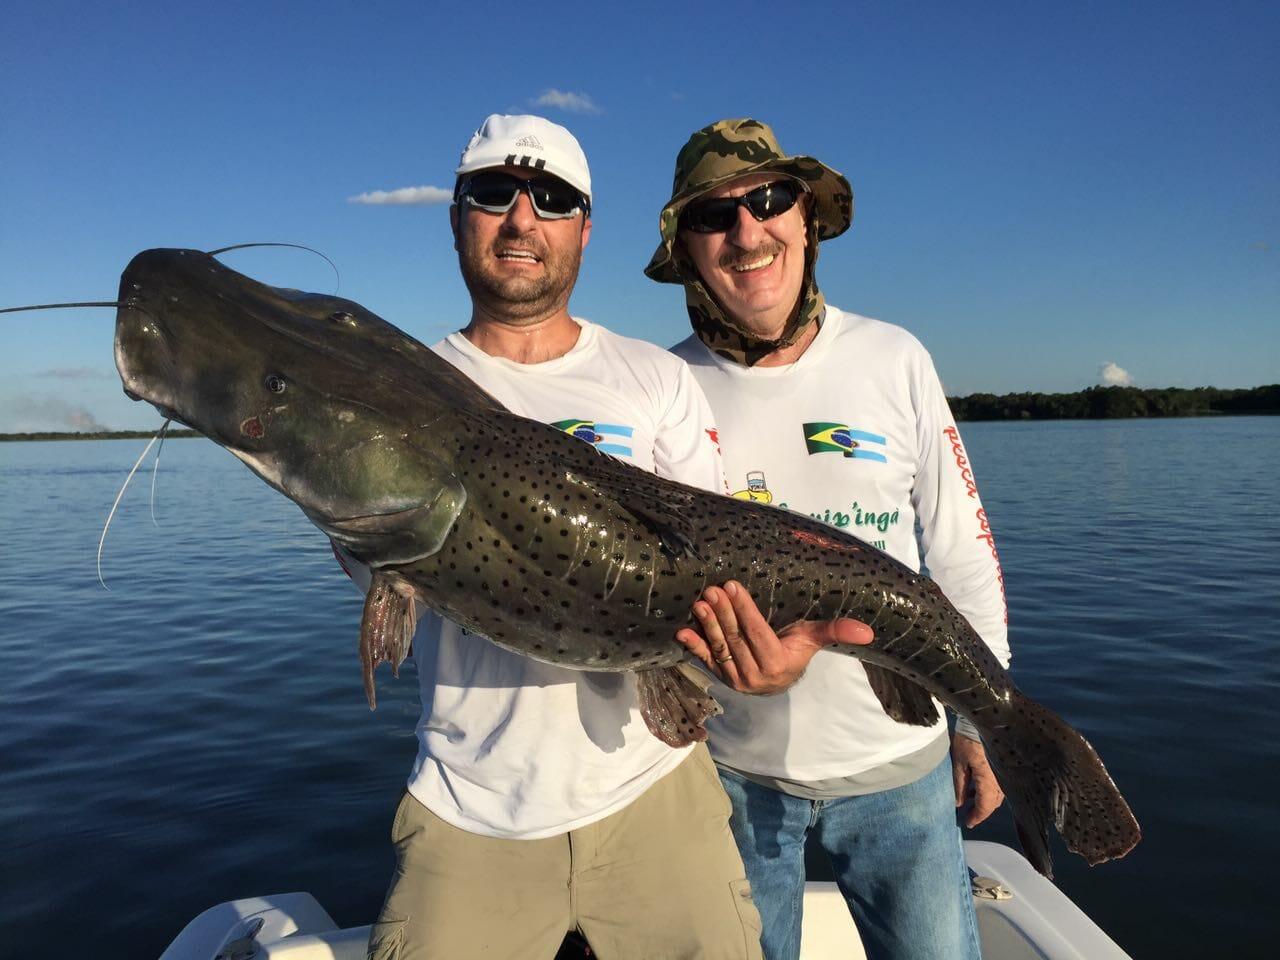 , Pescaria na Argentina – Como pescar os gigantes do Rio Paraná, Passeios em Foz do Iguaçu | Combos em Foz com desconto, Passeios em Foz do Iguaçu | Combos em Foz com desconto